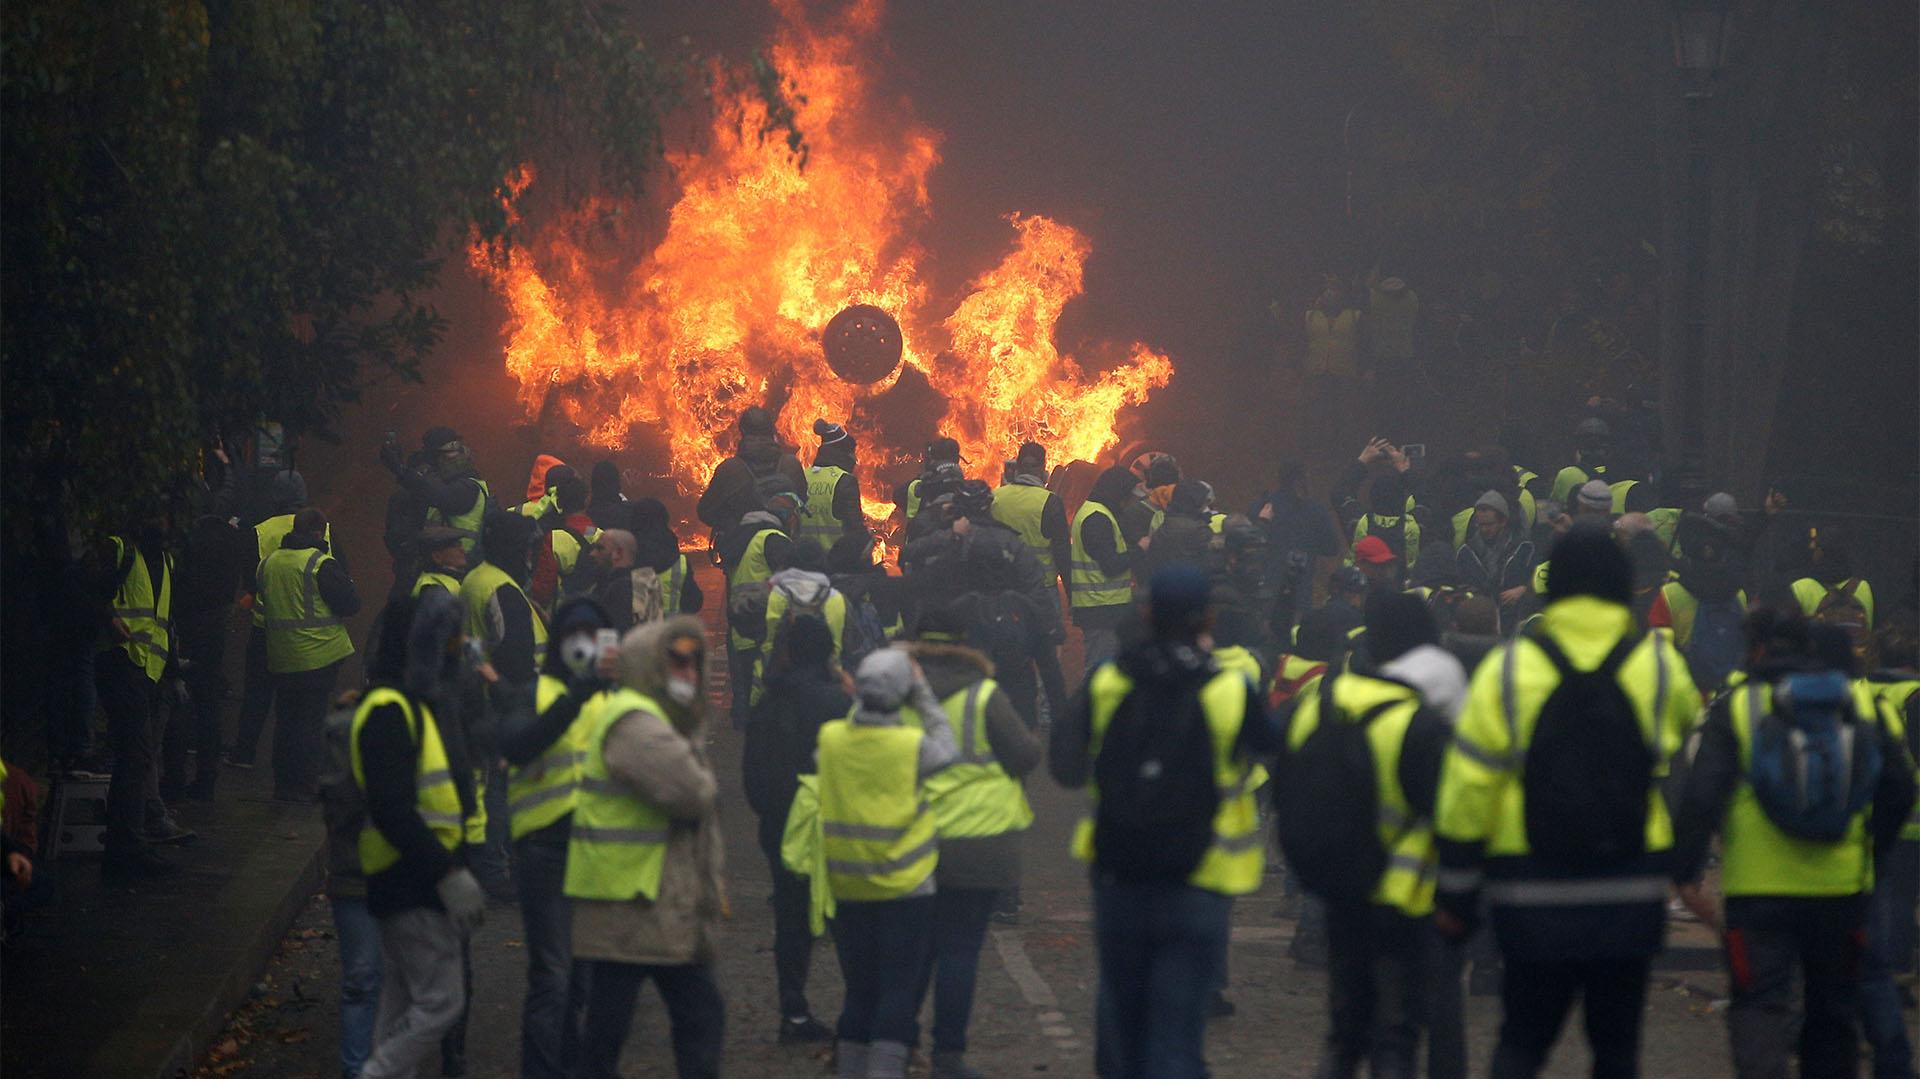 A media mañana, los enfrentamientos proseguían en torno al Arco de Triunfo, en la parte alta de los Campos Elíseos, entre policías y manifestantes, algunos de ellos enmascarados (REUTERS/Stephane Mahe)